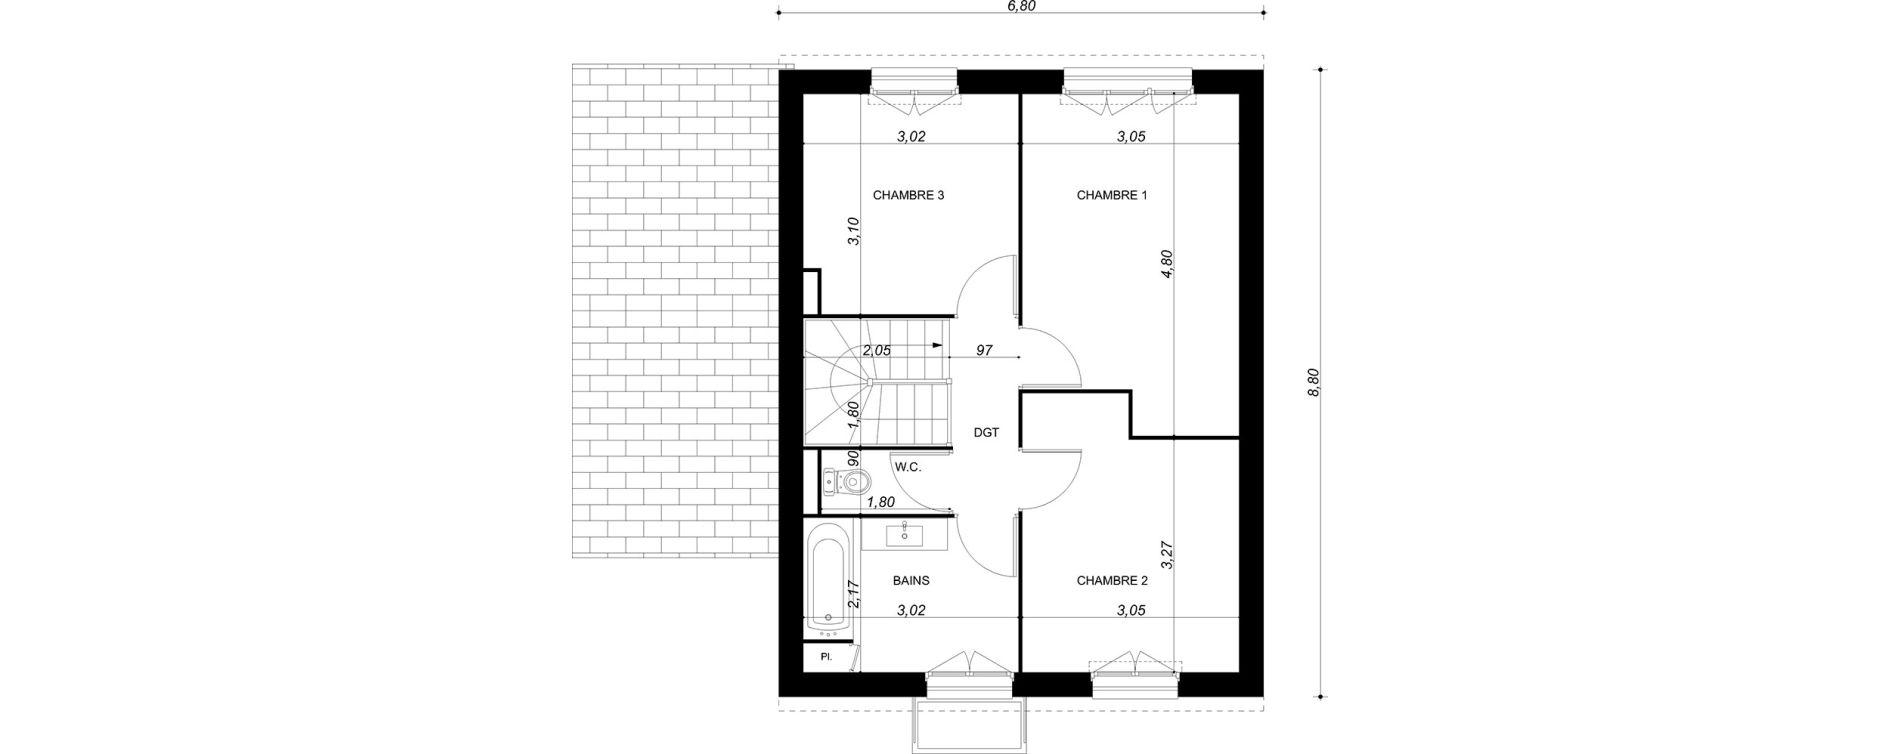 Maison T4 de 90,60 m2 à Bruyères-Sur-Oise Centre